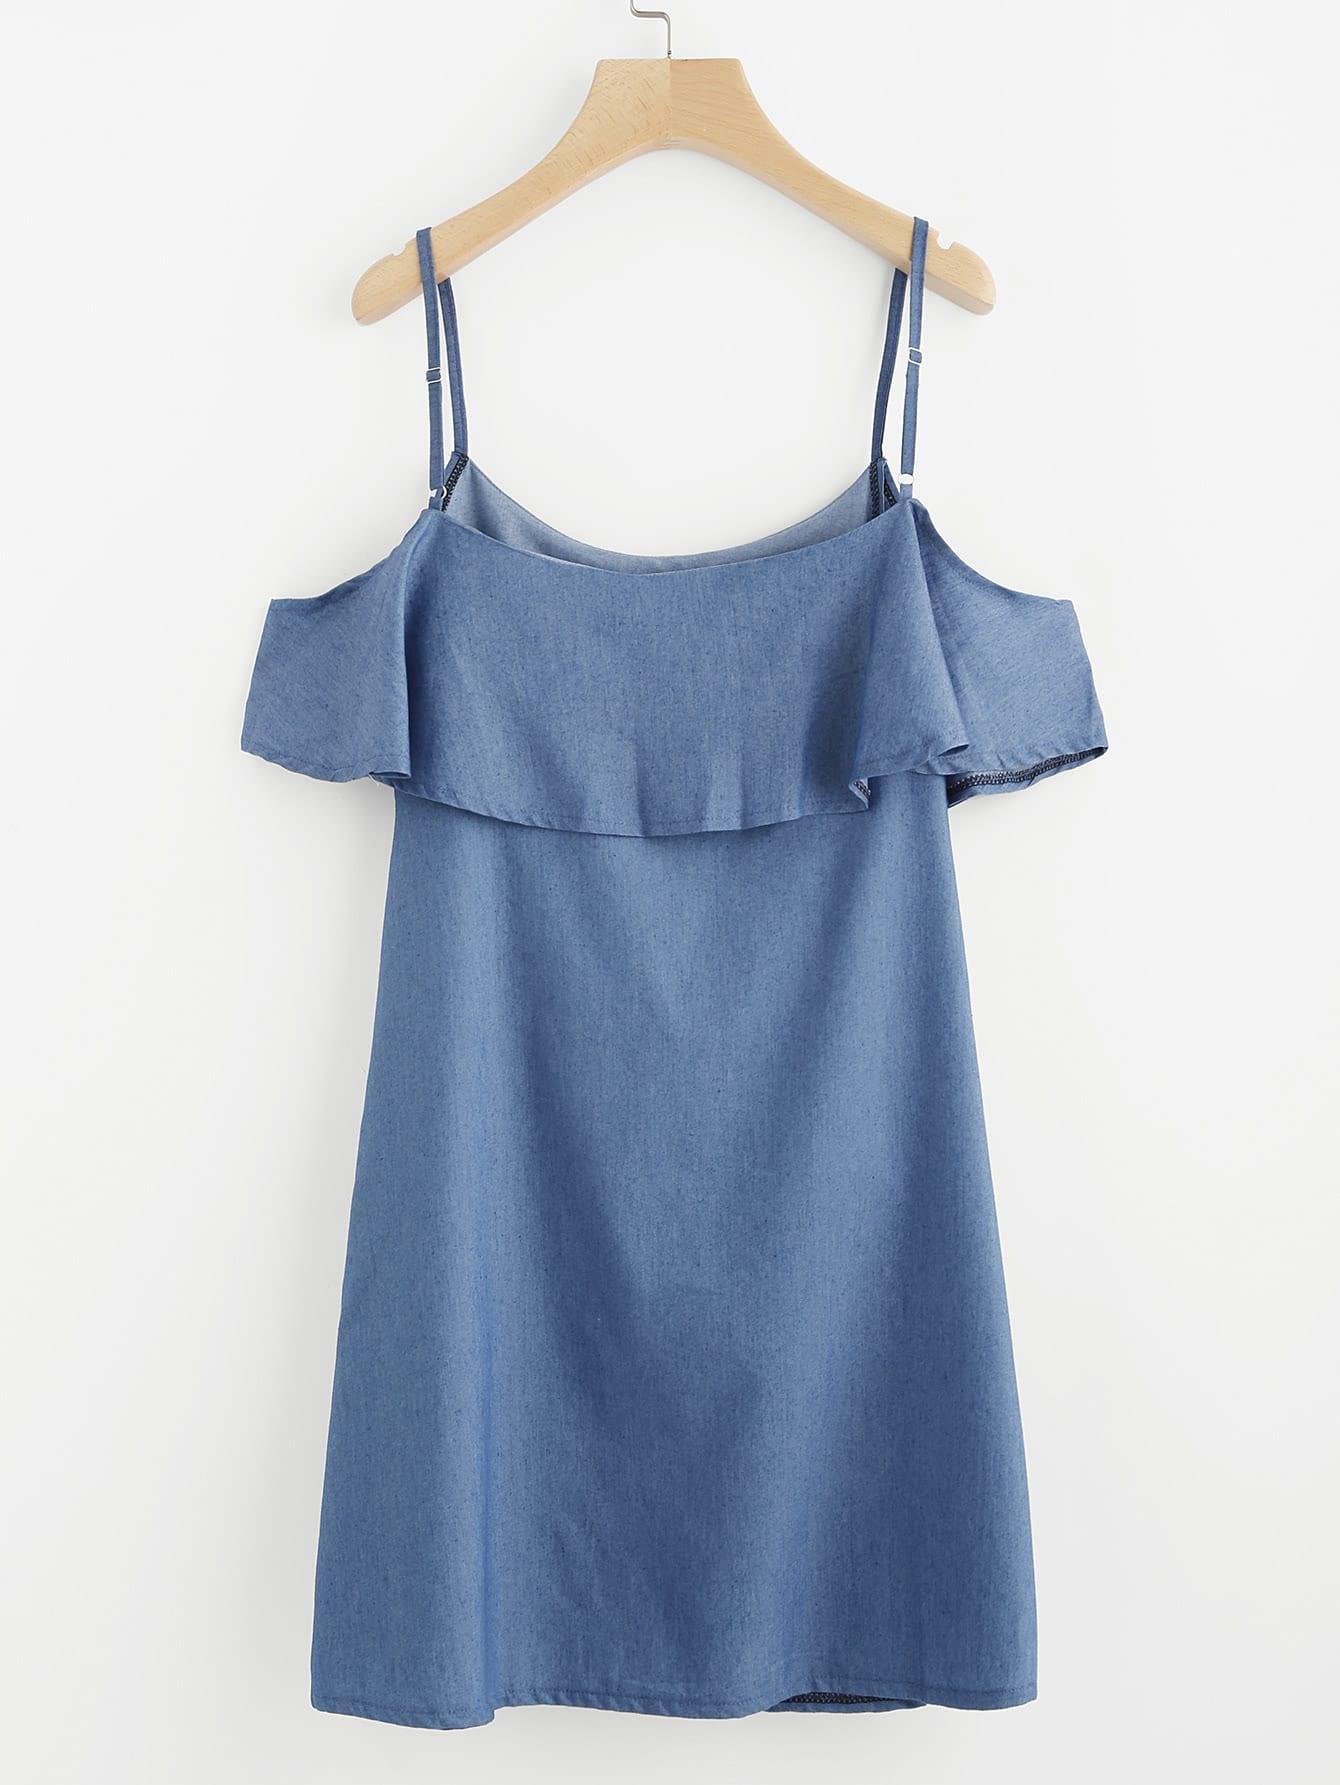 Frill Trim Cold Shoulder Dress dress170516103